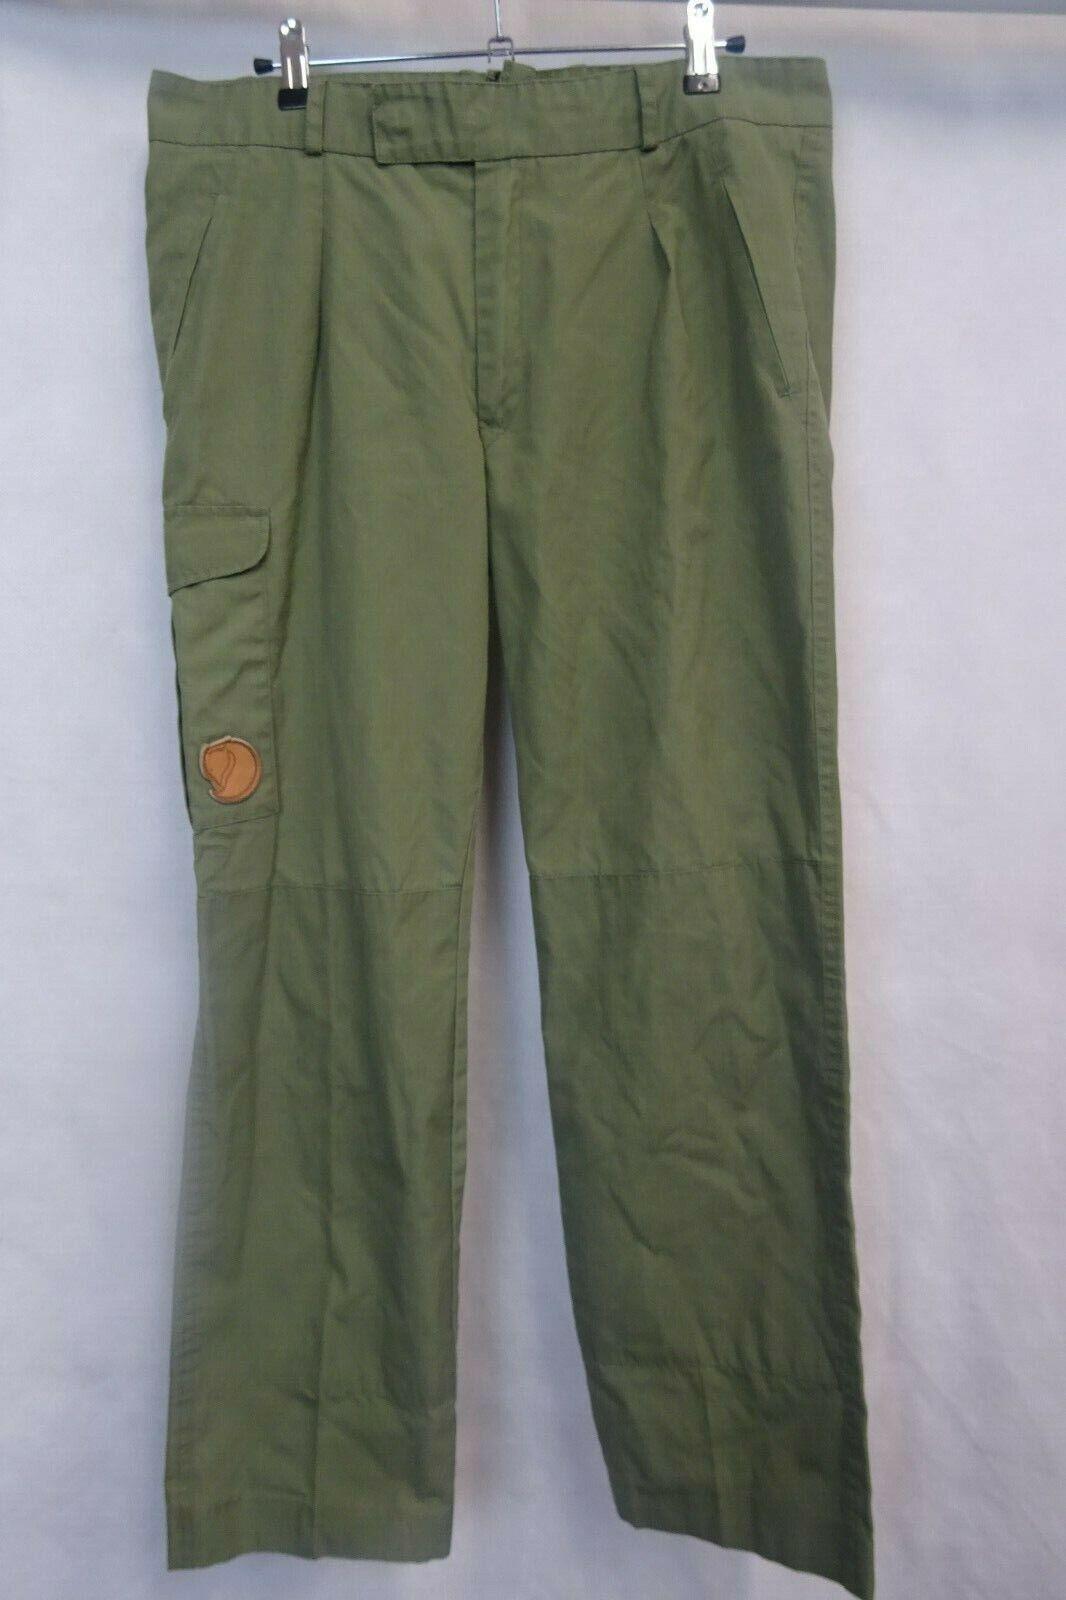 Uomo Fjällräven Groenlandia Pantaloni Pantaloni all'aperto W32 L28